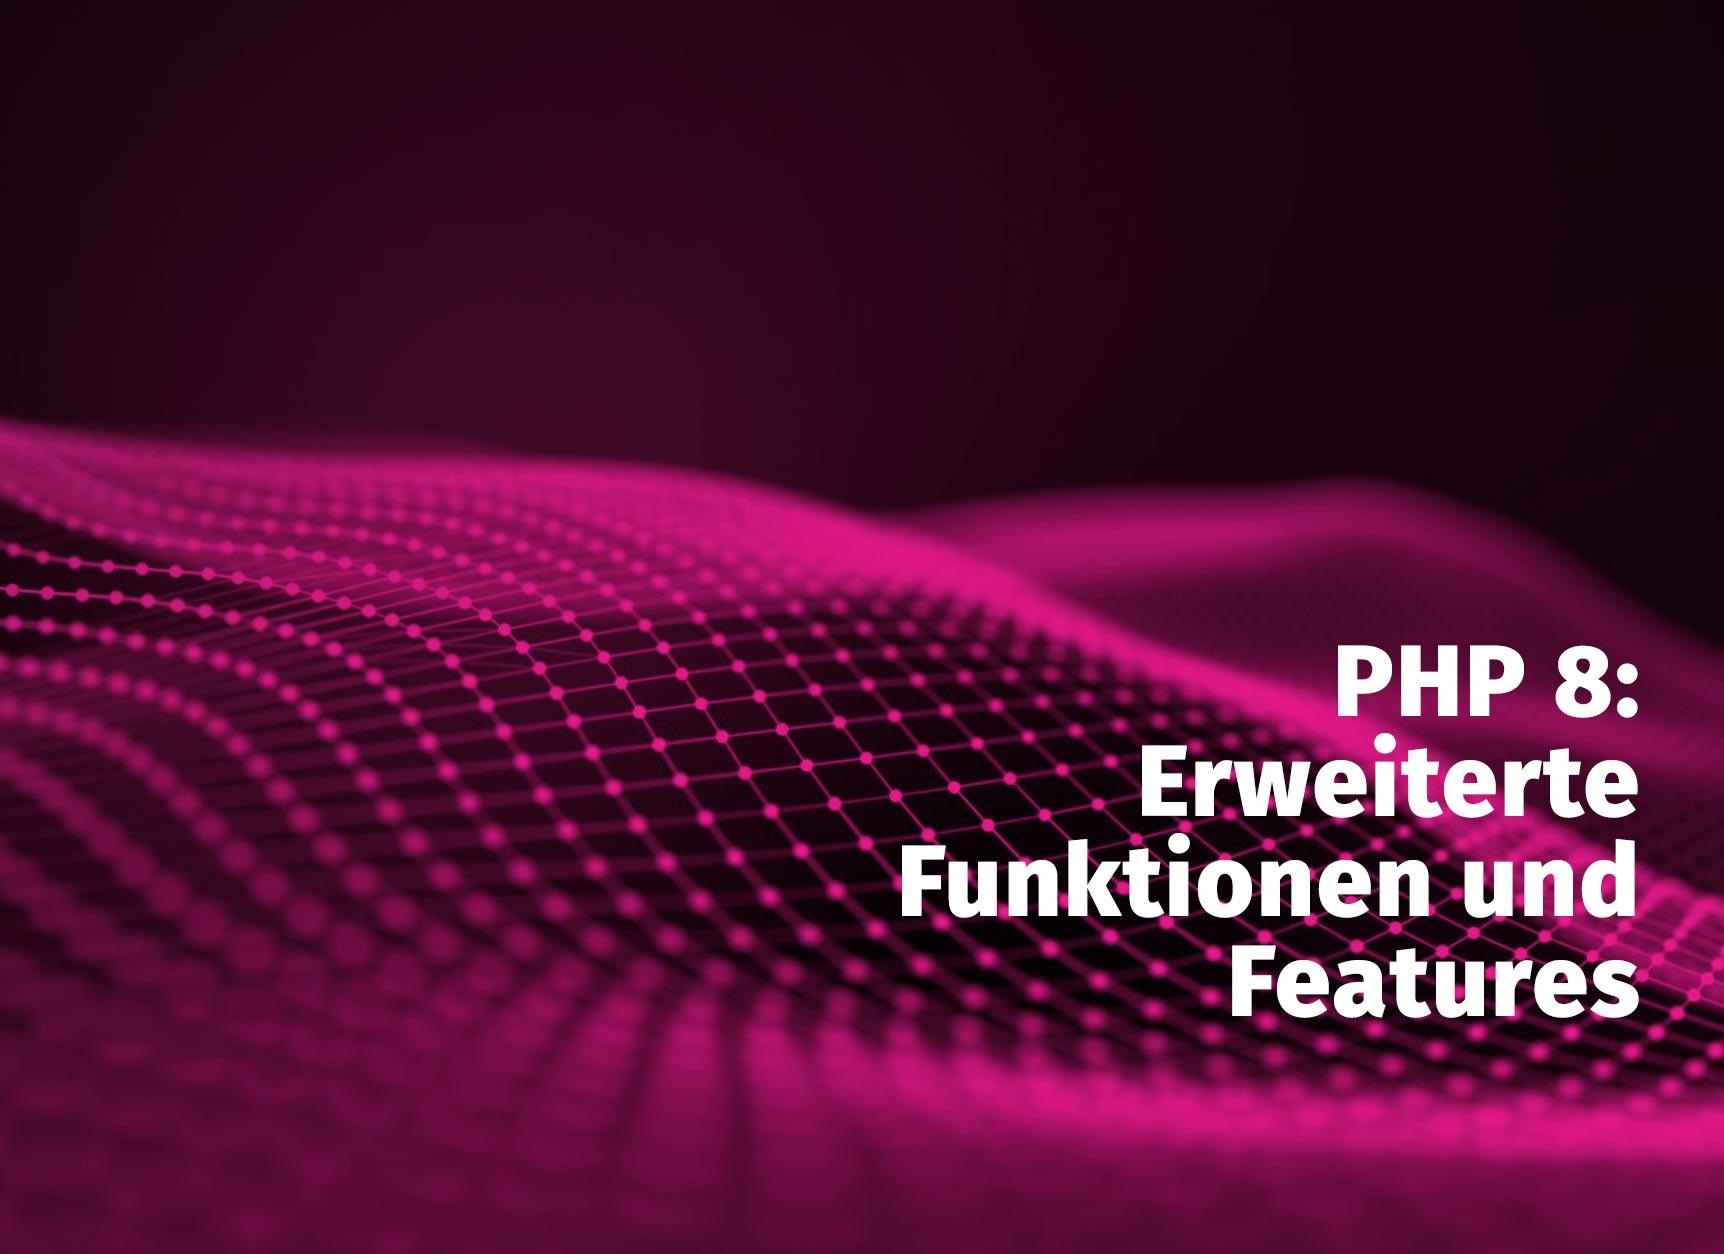 PHP 8 – Erweiterte Funktionen und Features